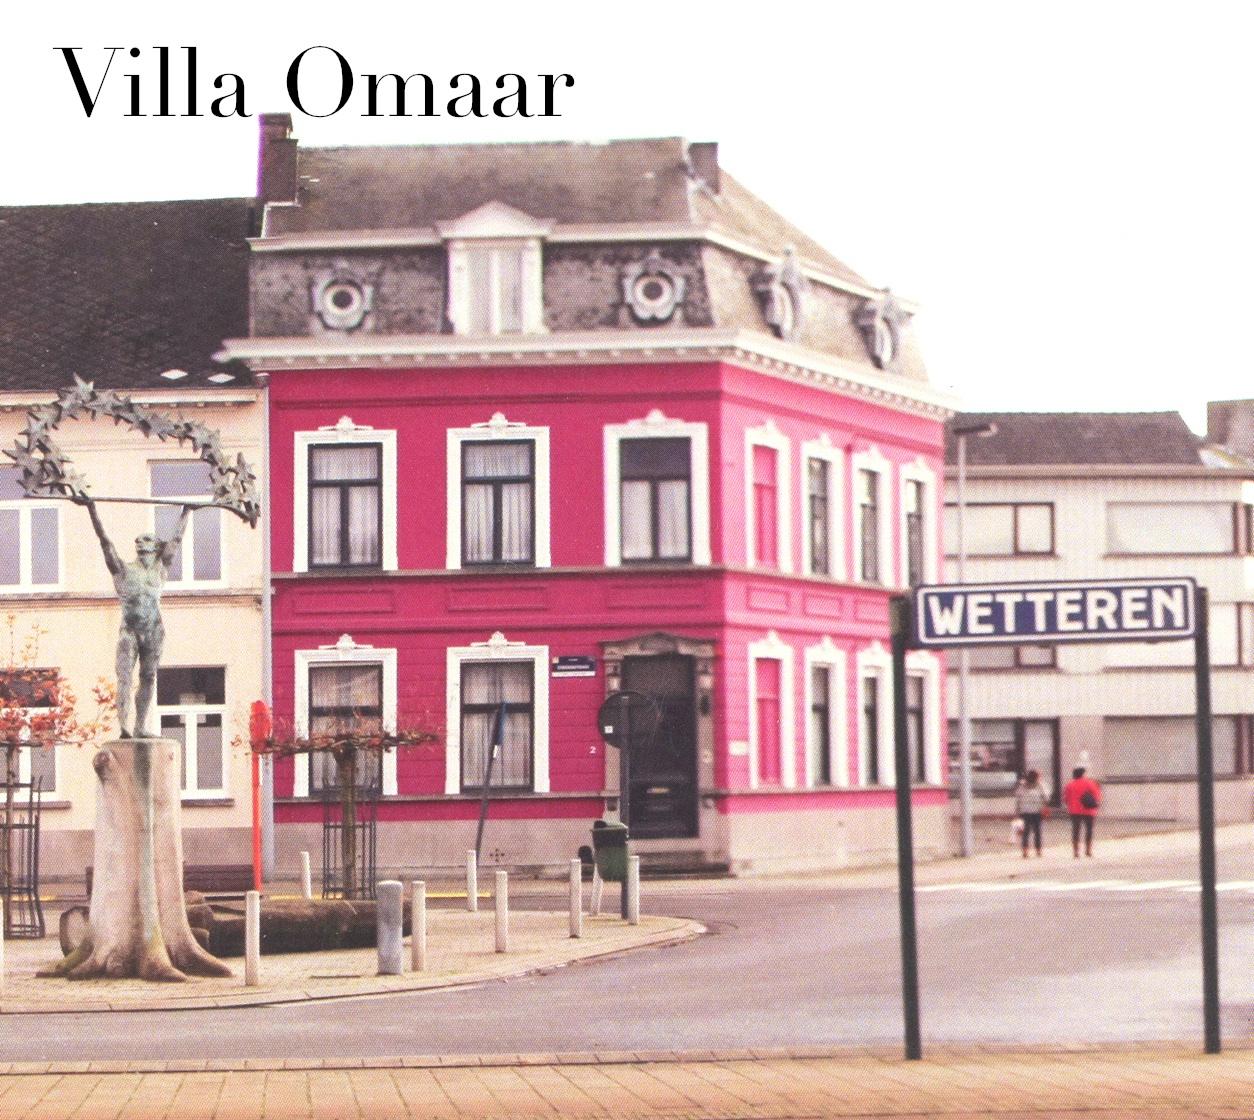 Huis te koop in Kuurne - Immoweb